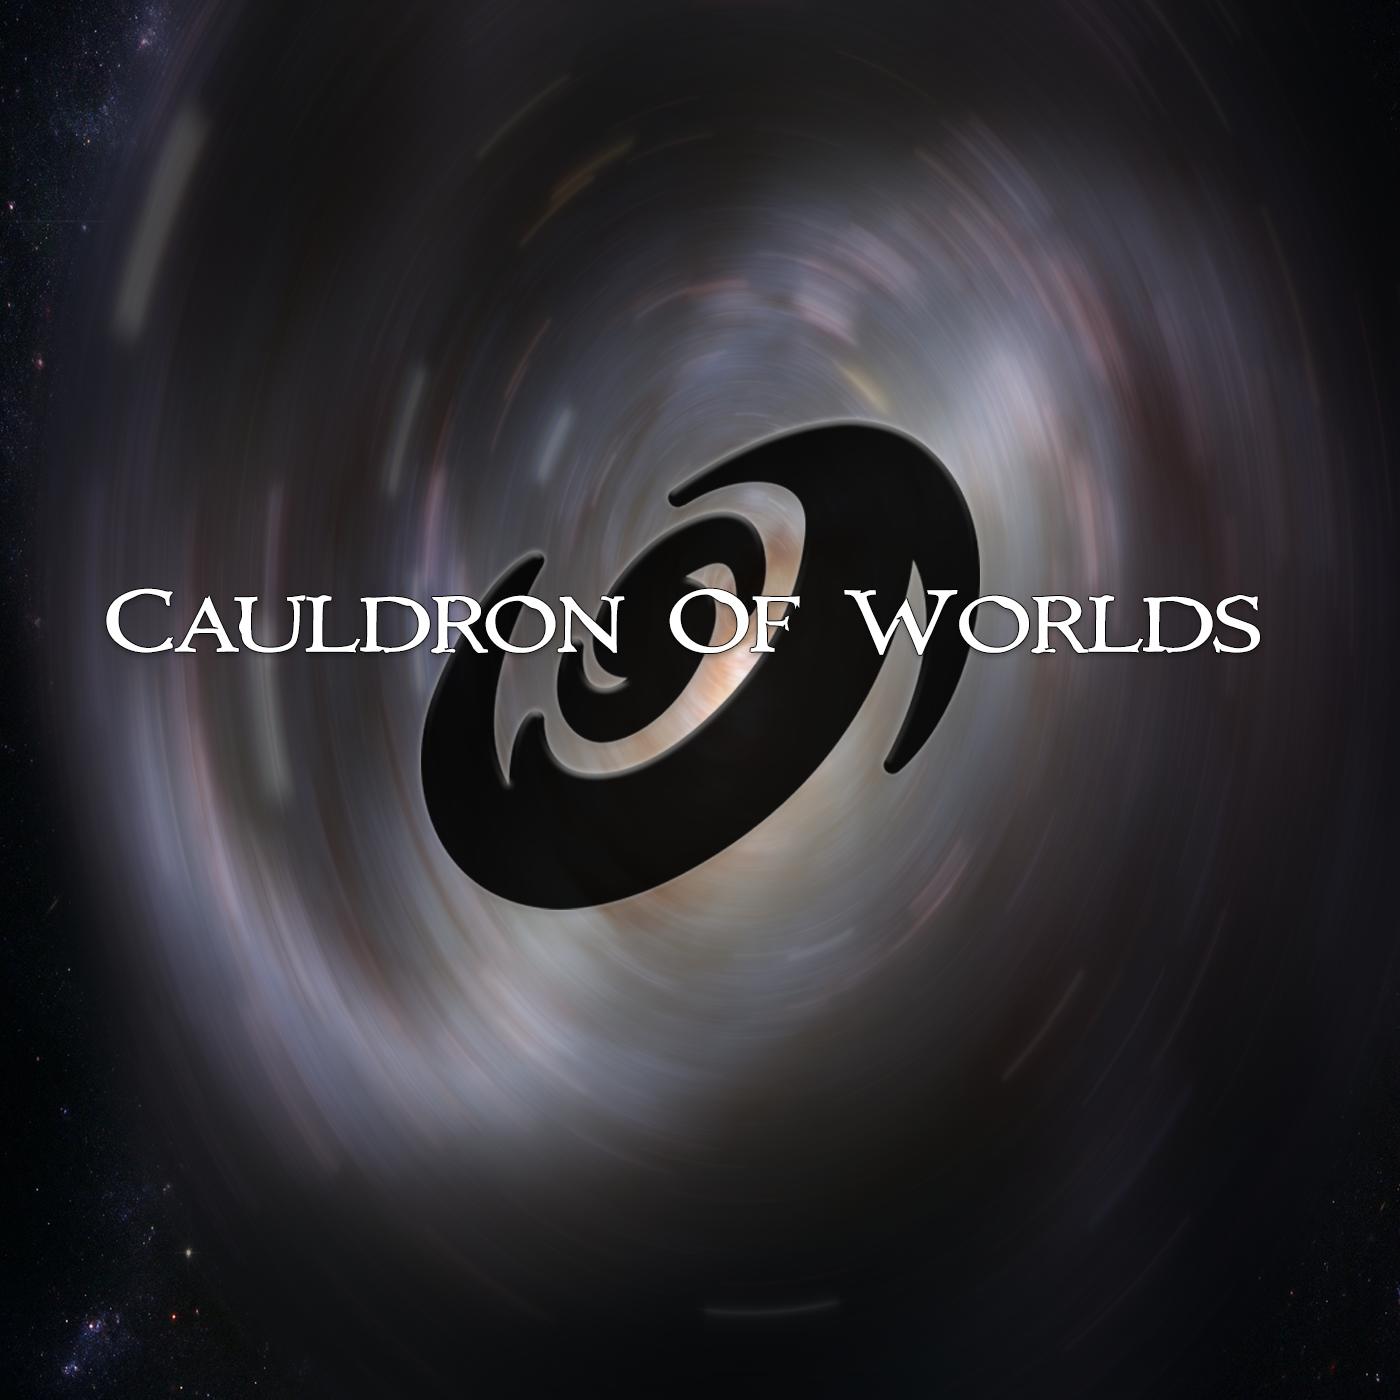 Cauldron of Worlds